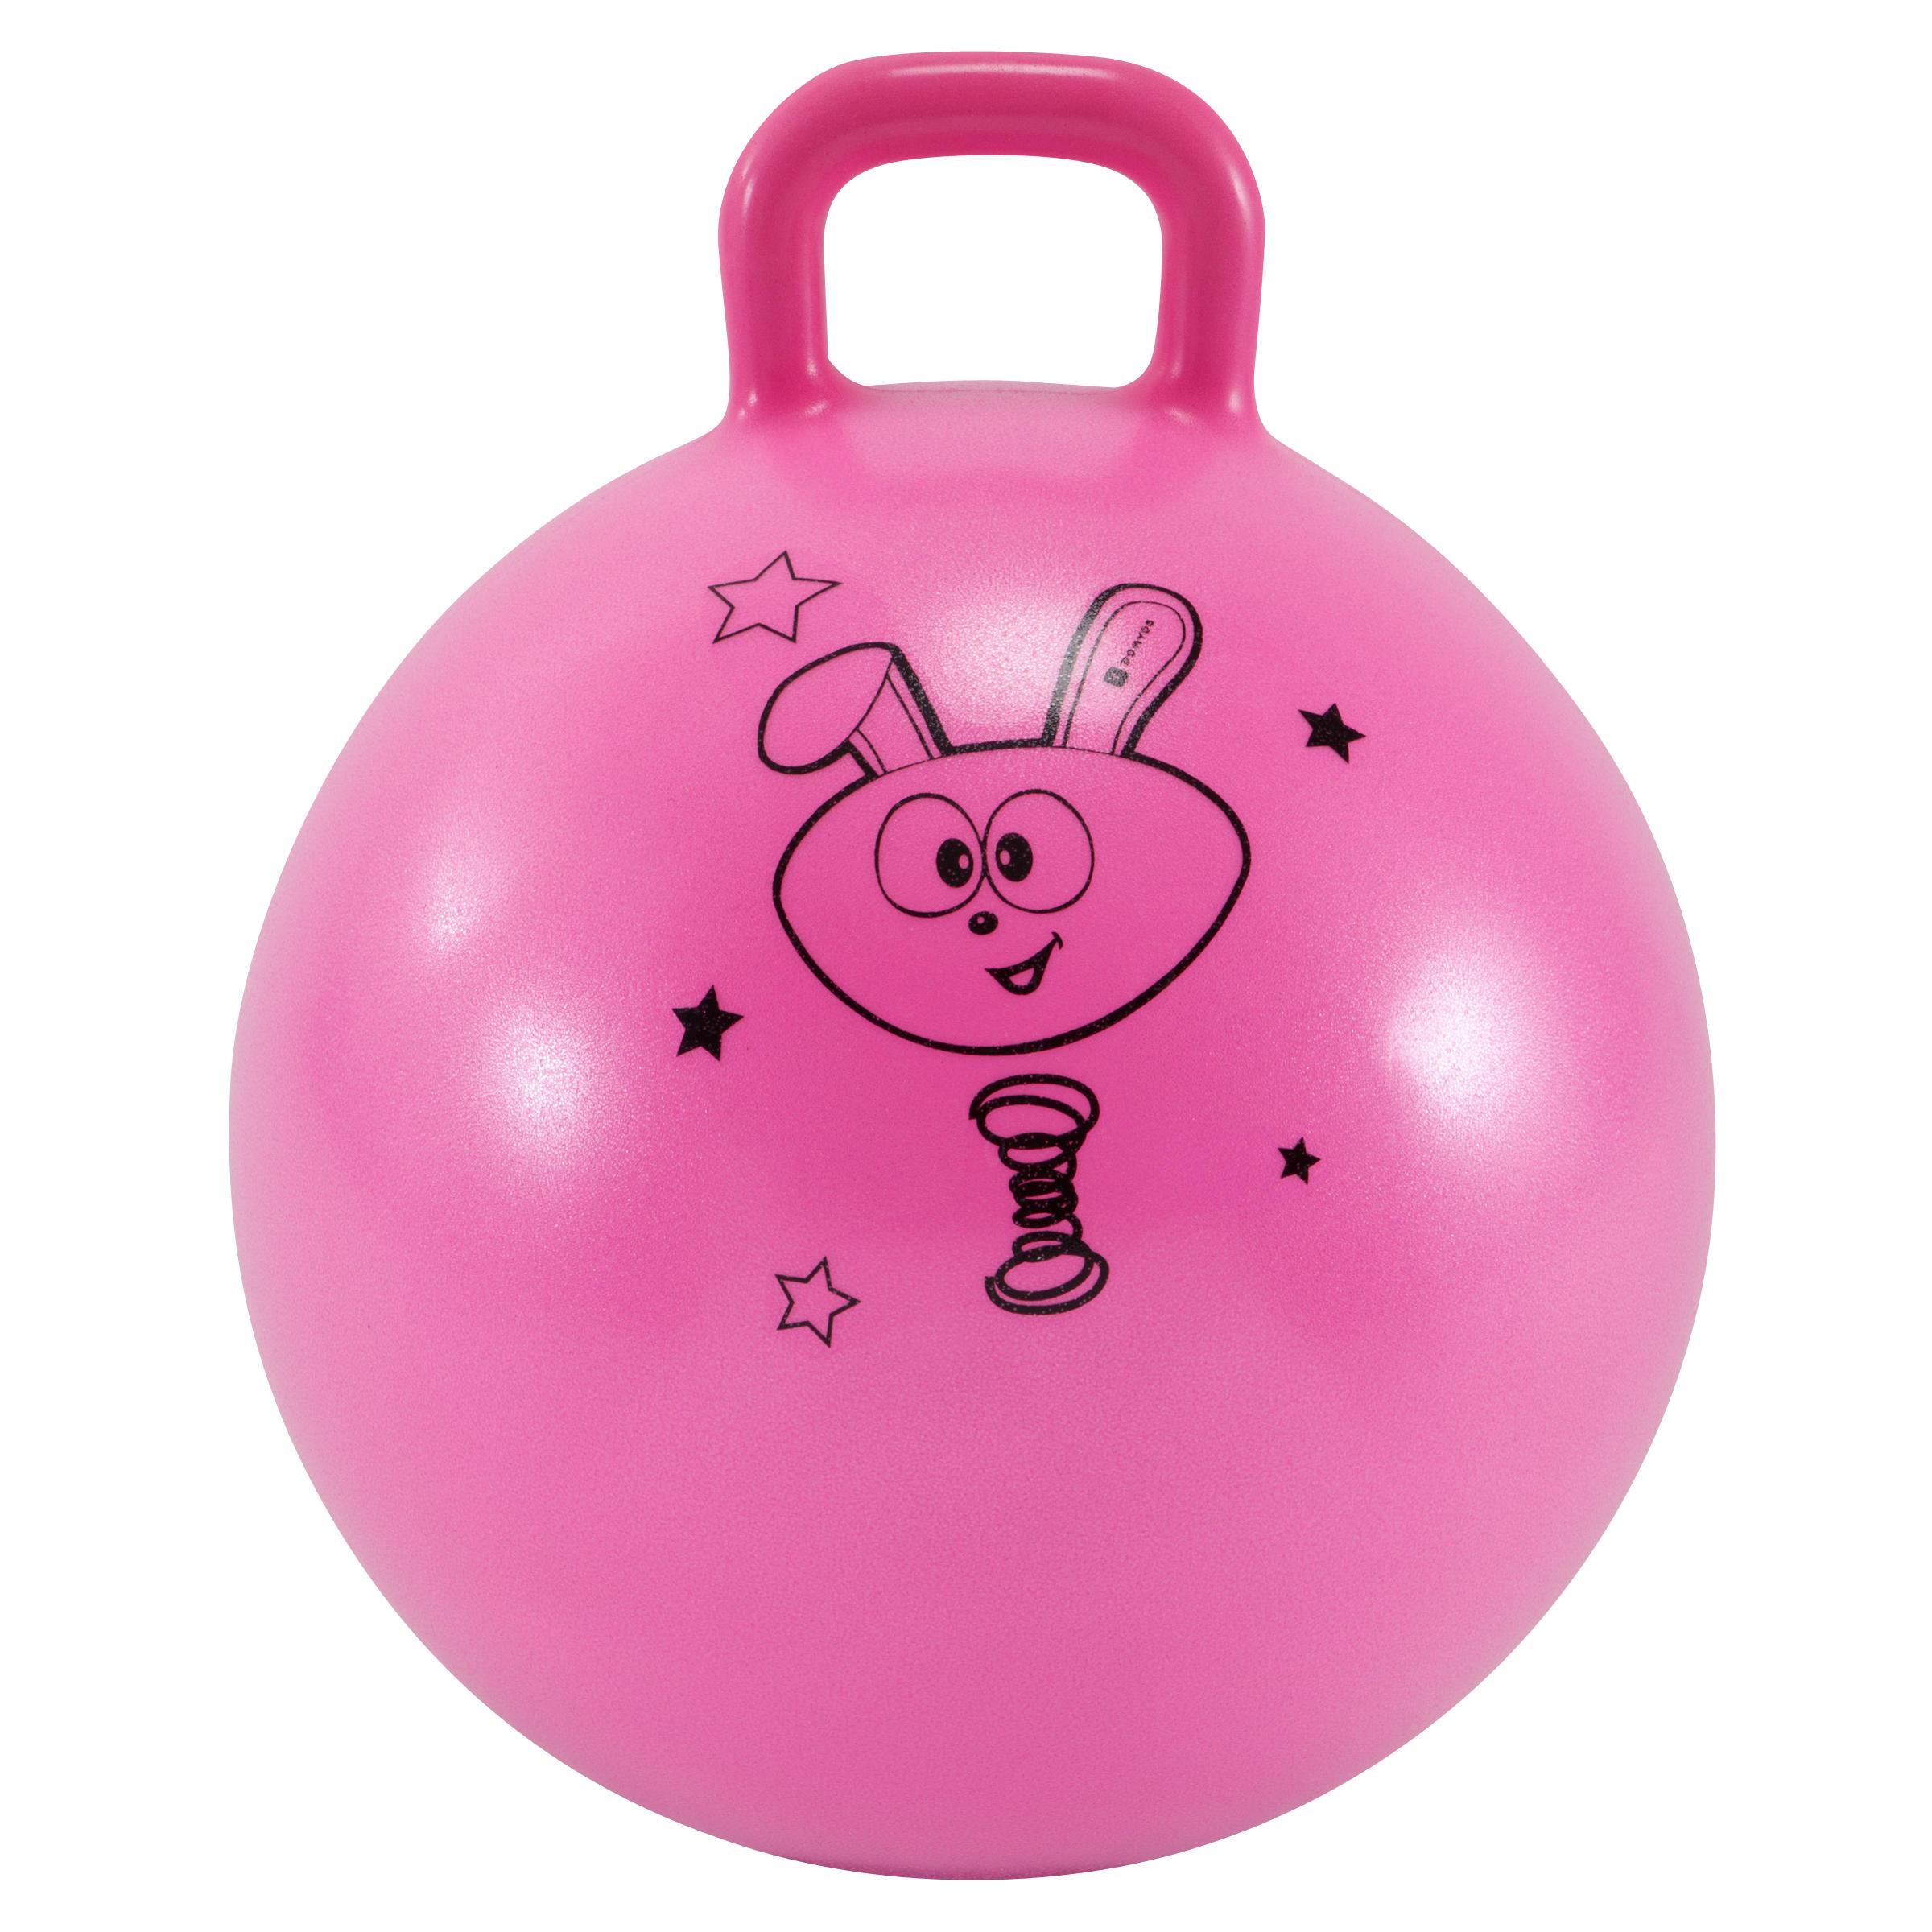 Balon saltador rosado